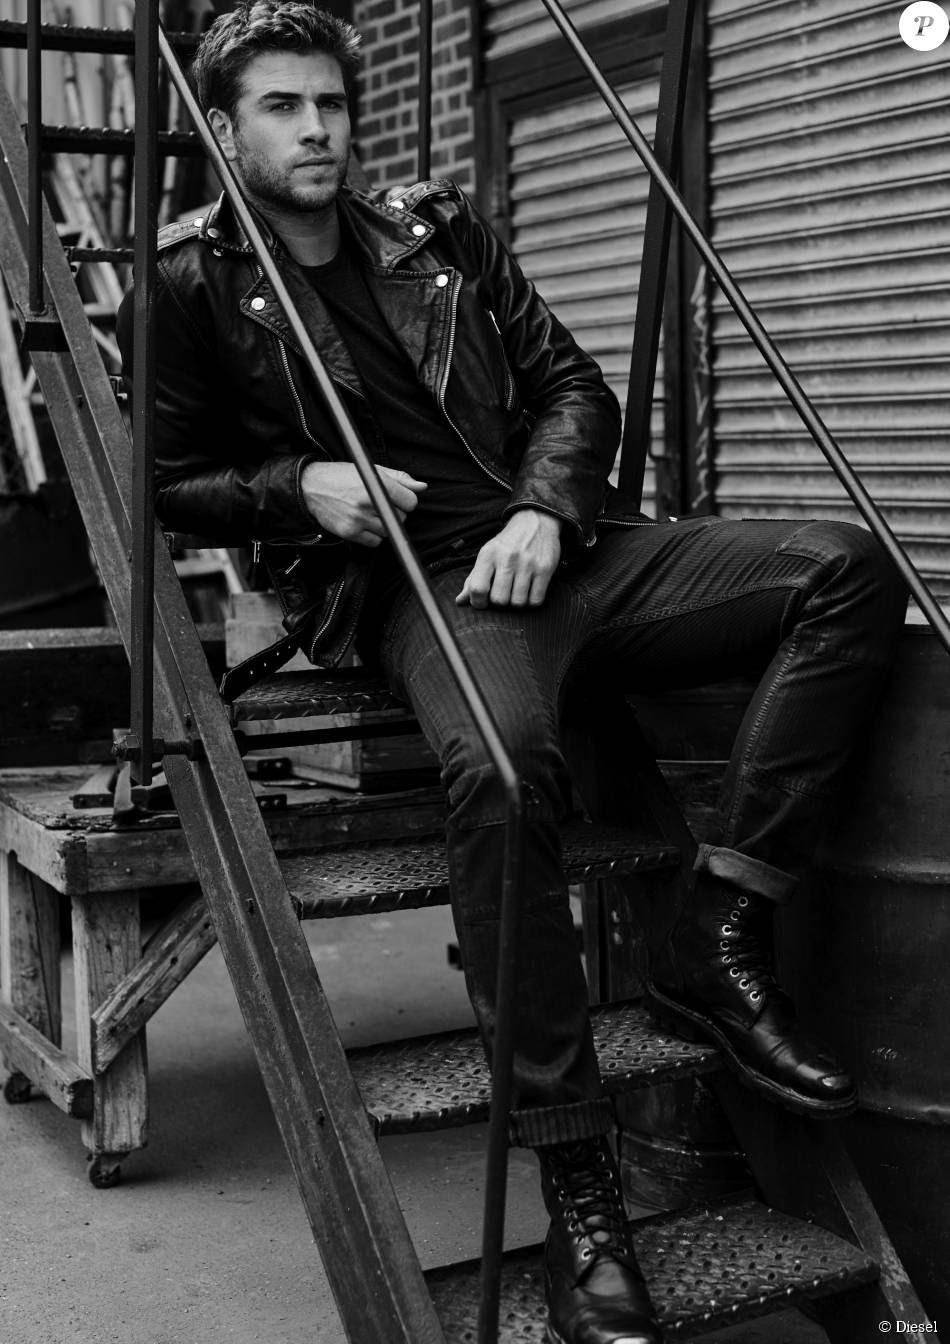 Liam Hemsworth est la nouvelle égérie du parfum Only The Brave, de Diesel